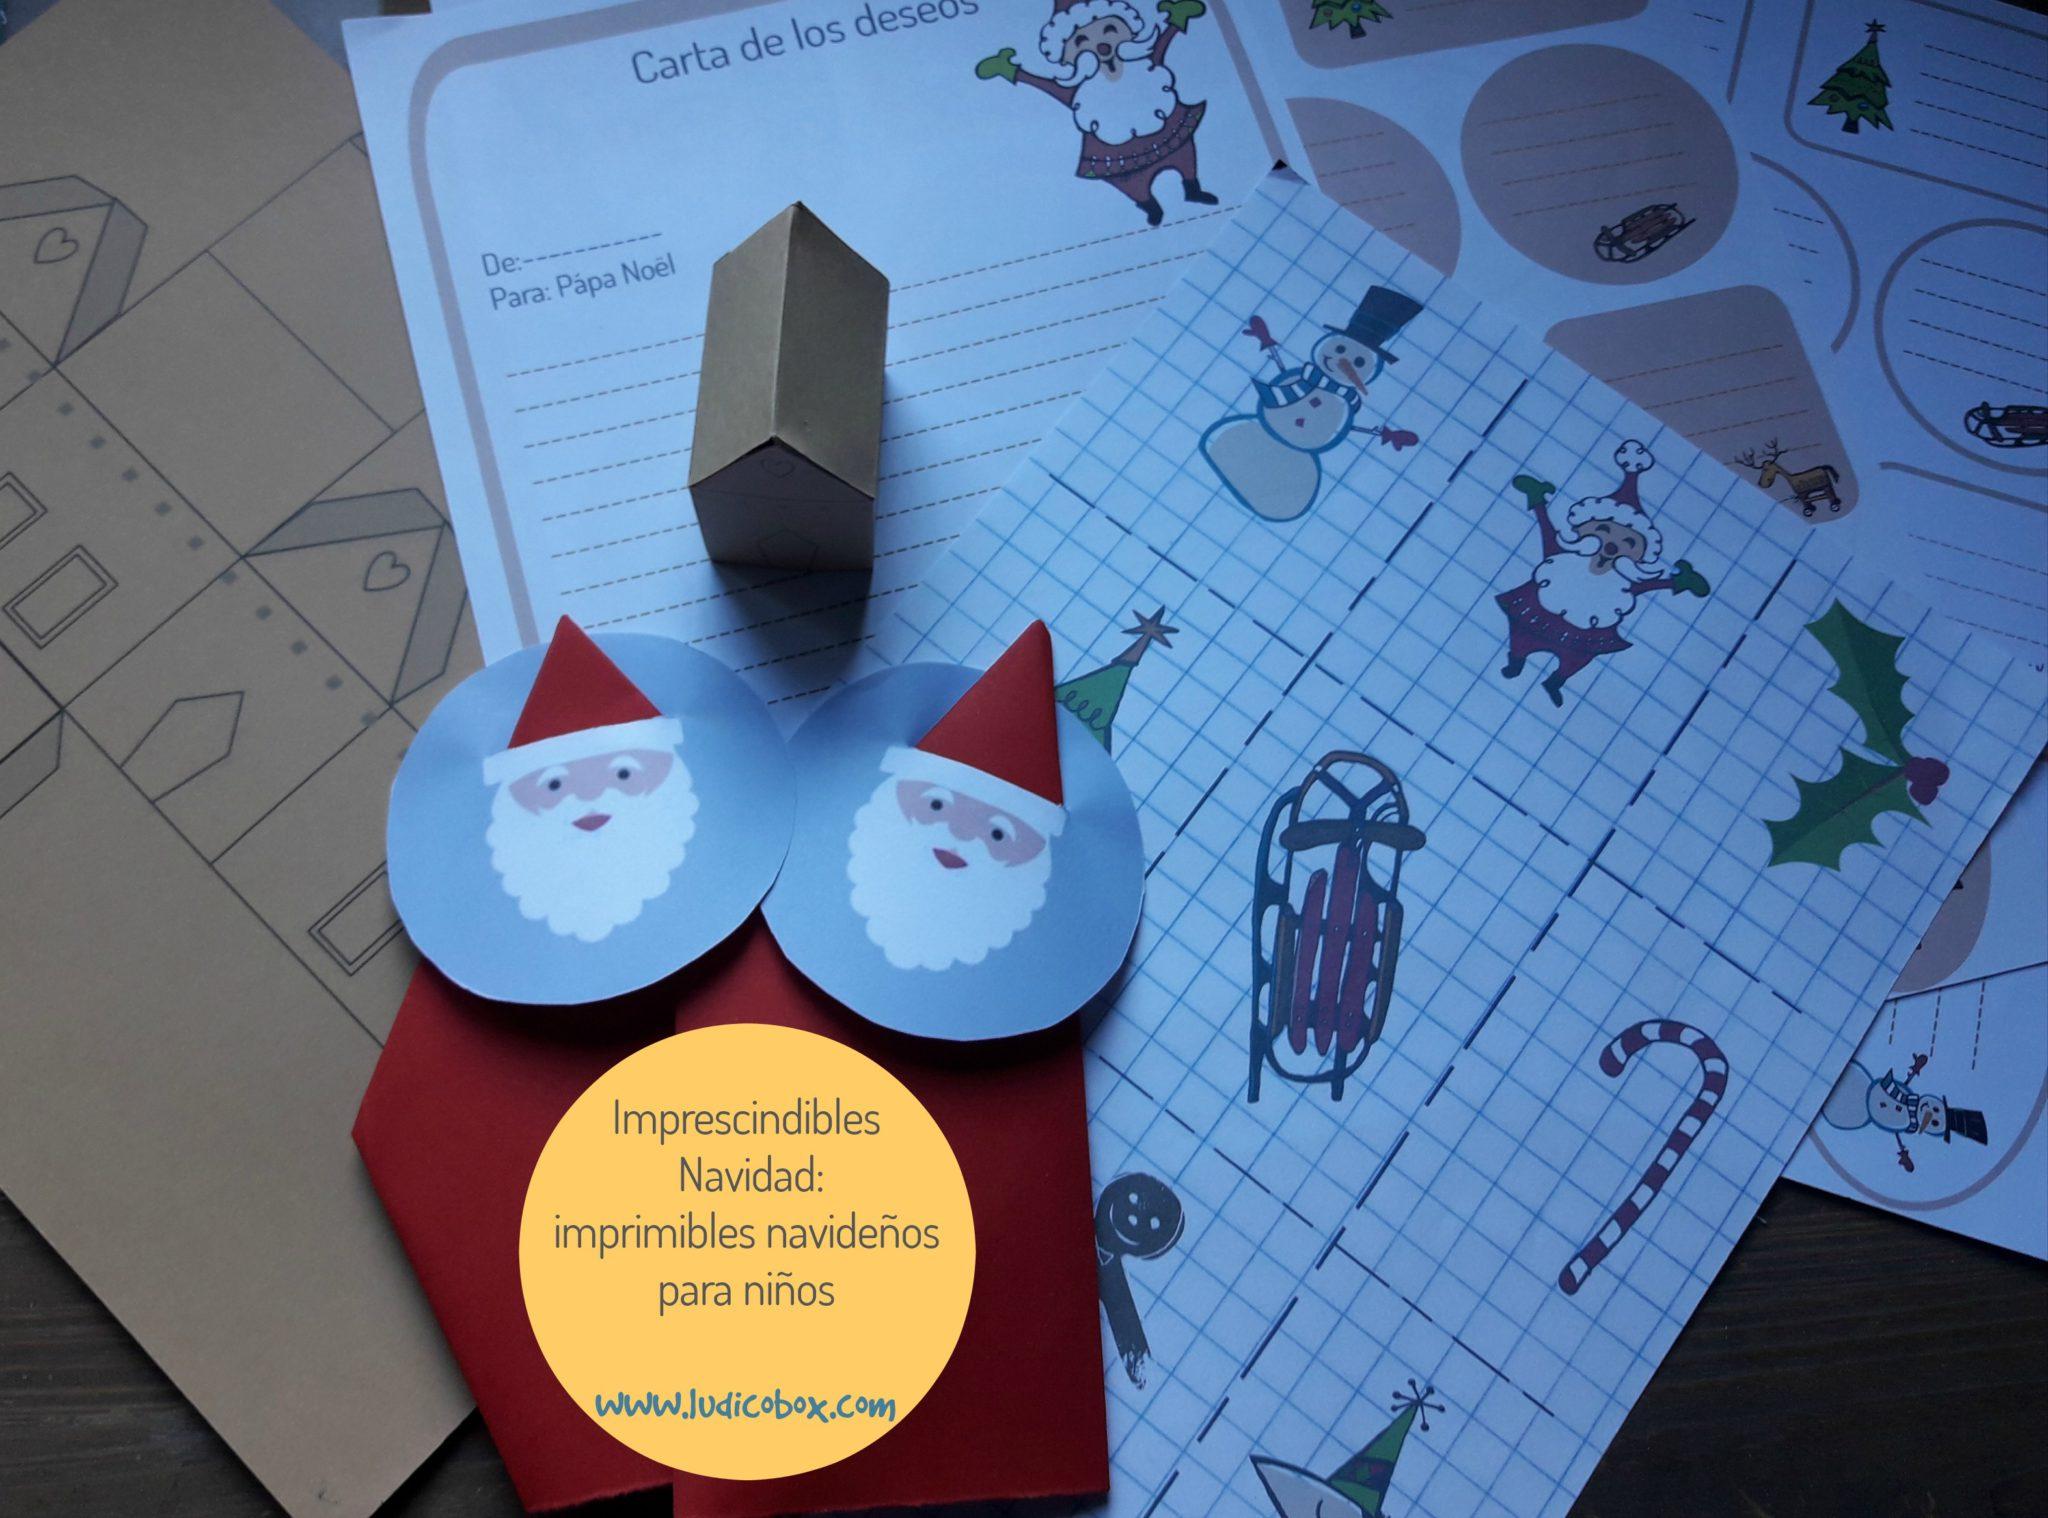 Imprescindibles Navidad: imprimibles navideños para niños | Ludicobox